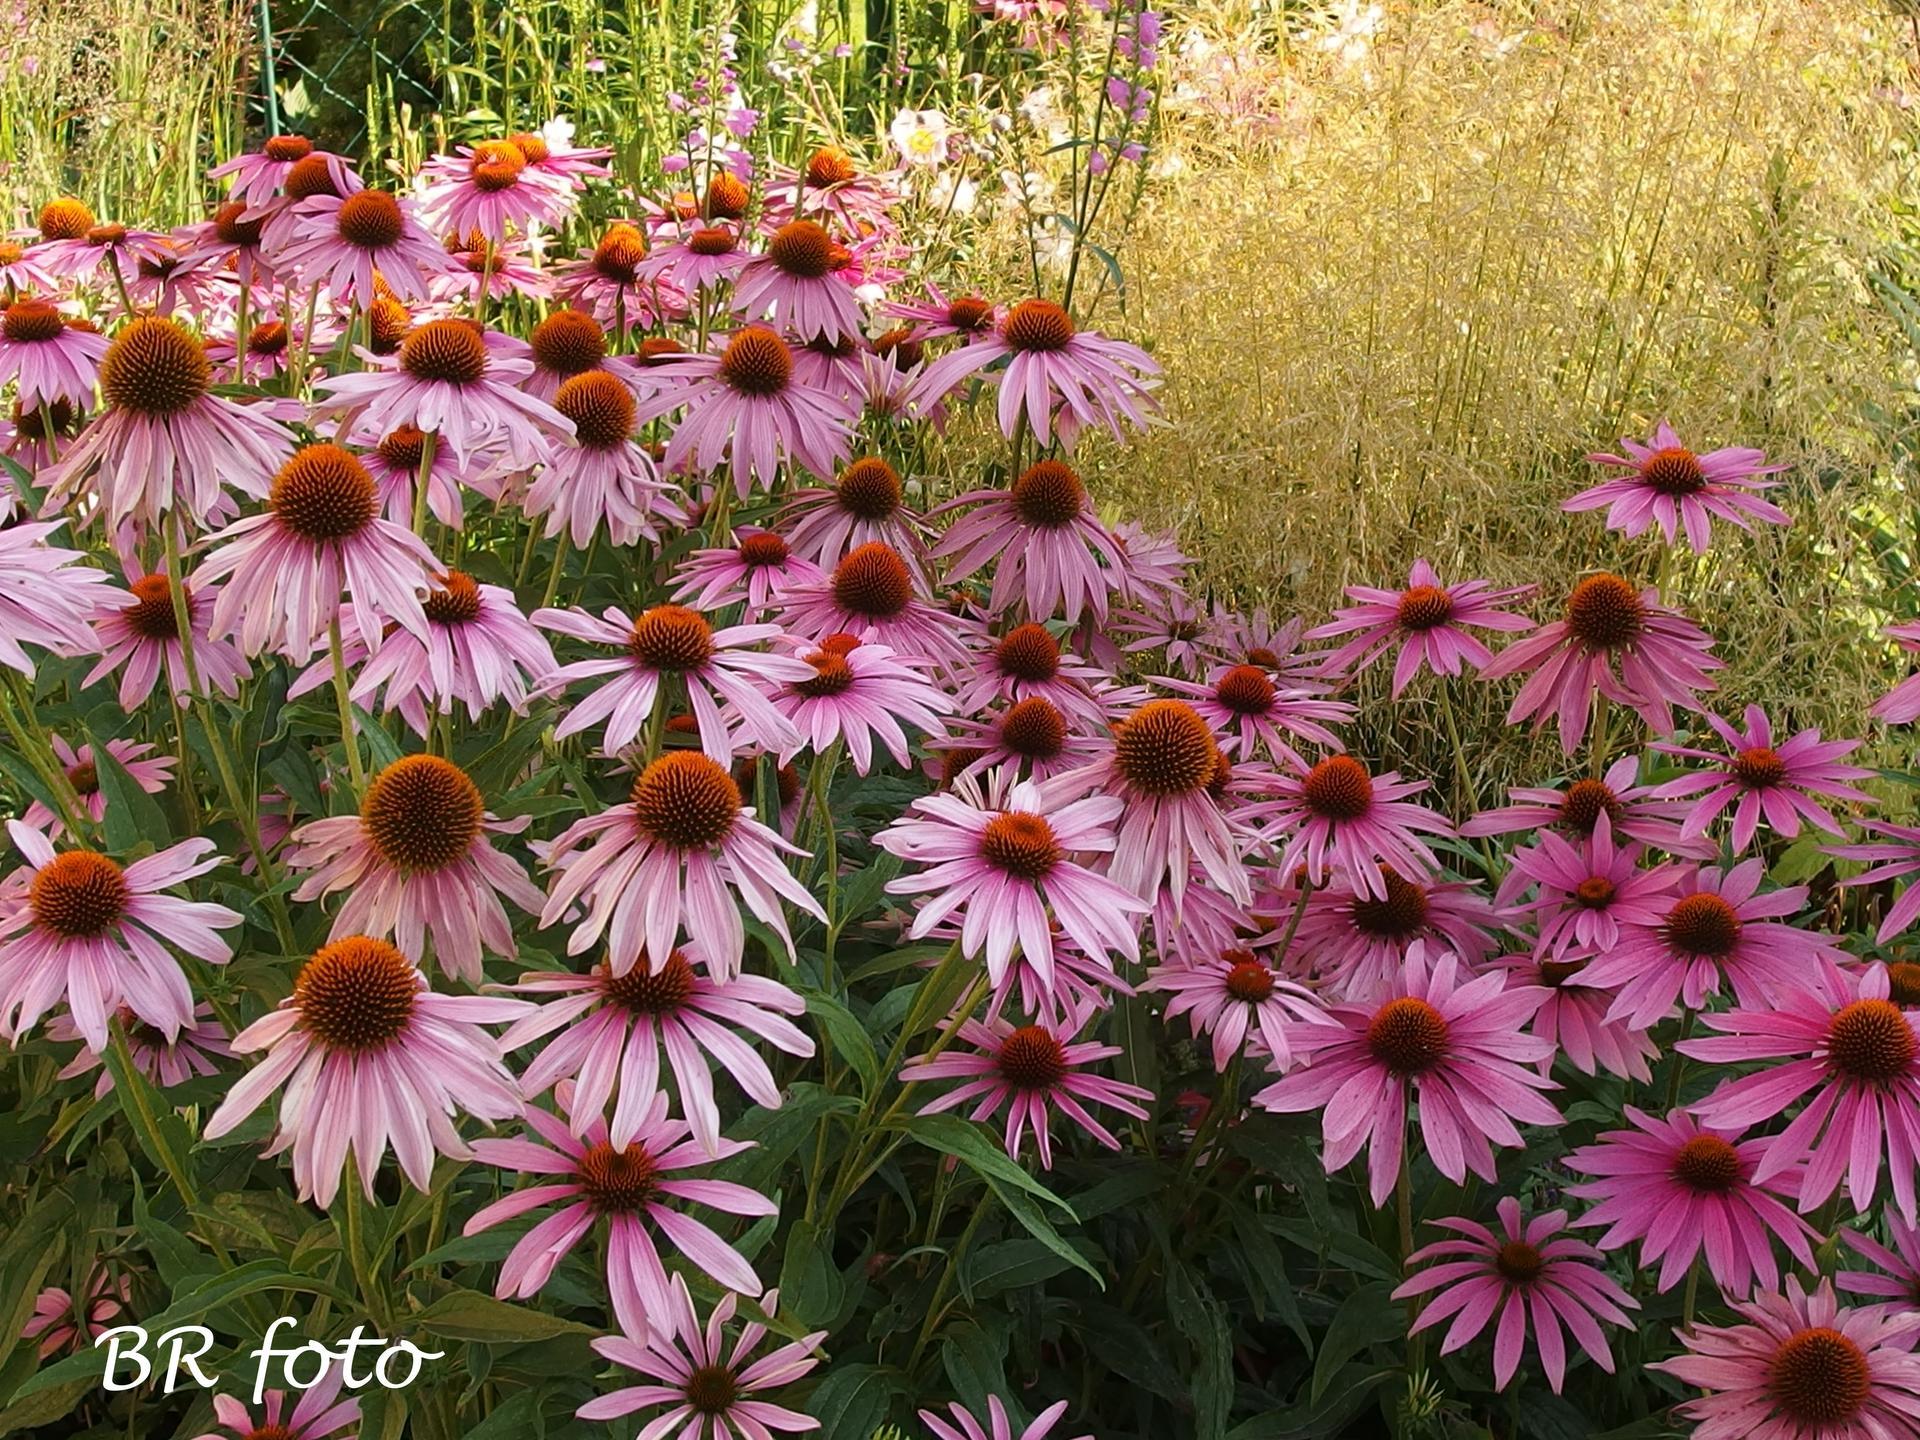 Zahrada v létě - v současnosti dominuje zahradě echinacea